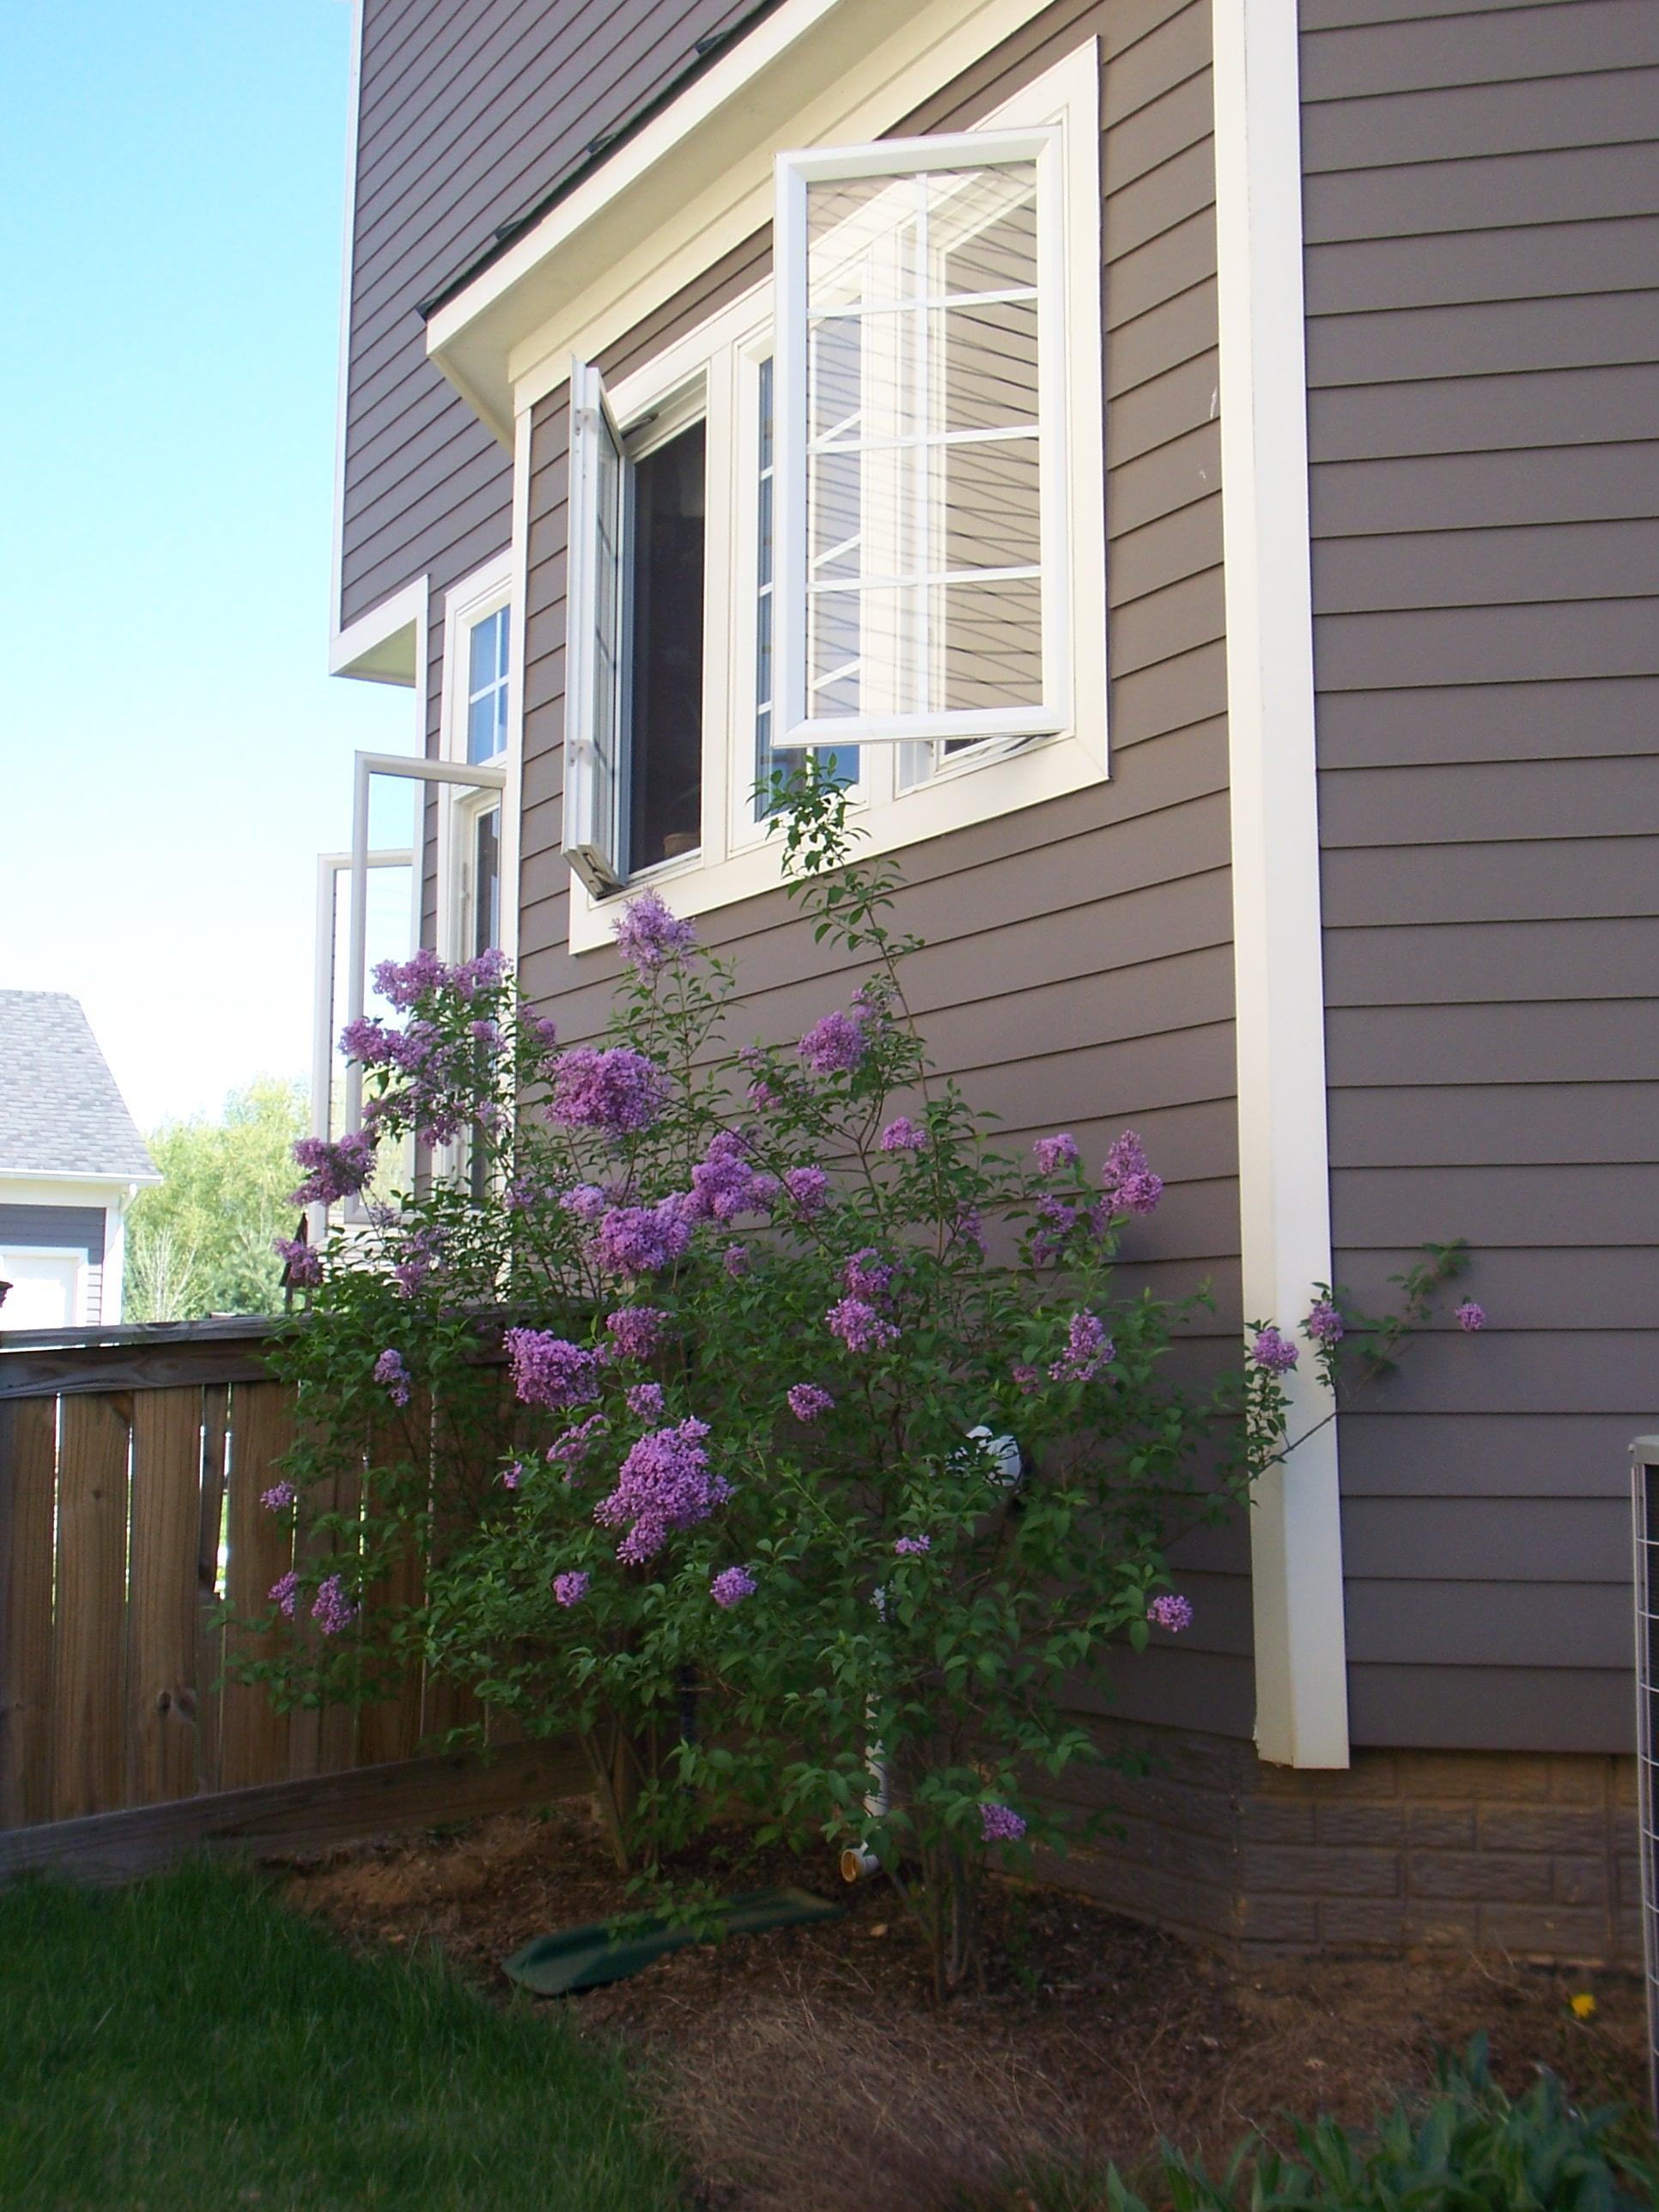 Loudoun Lilacs